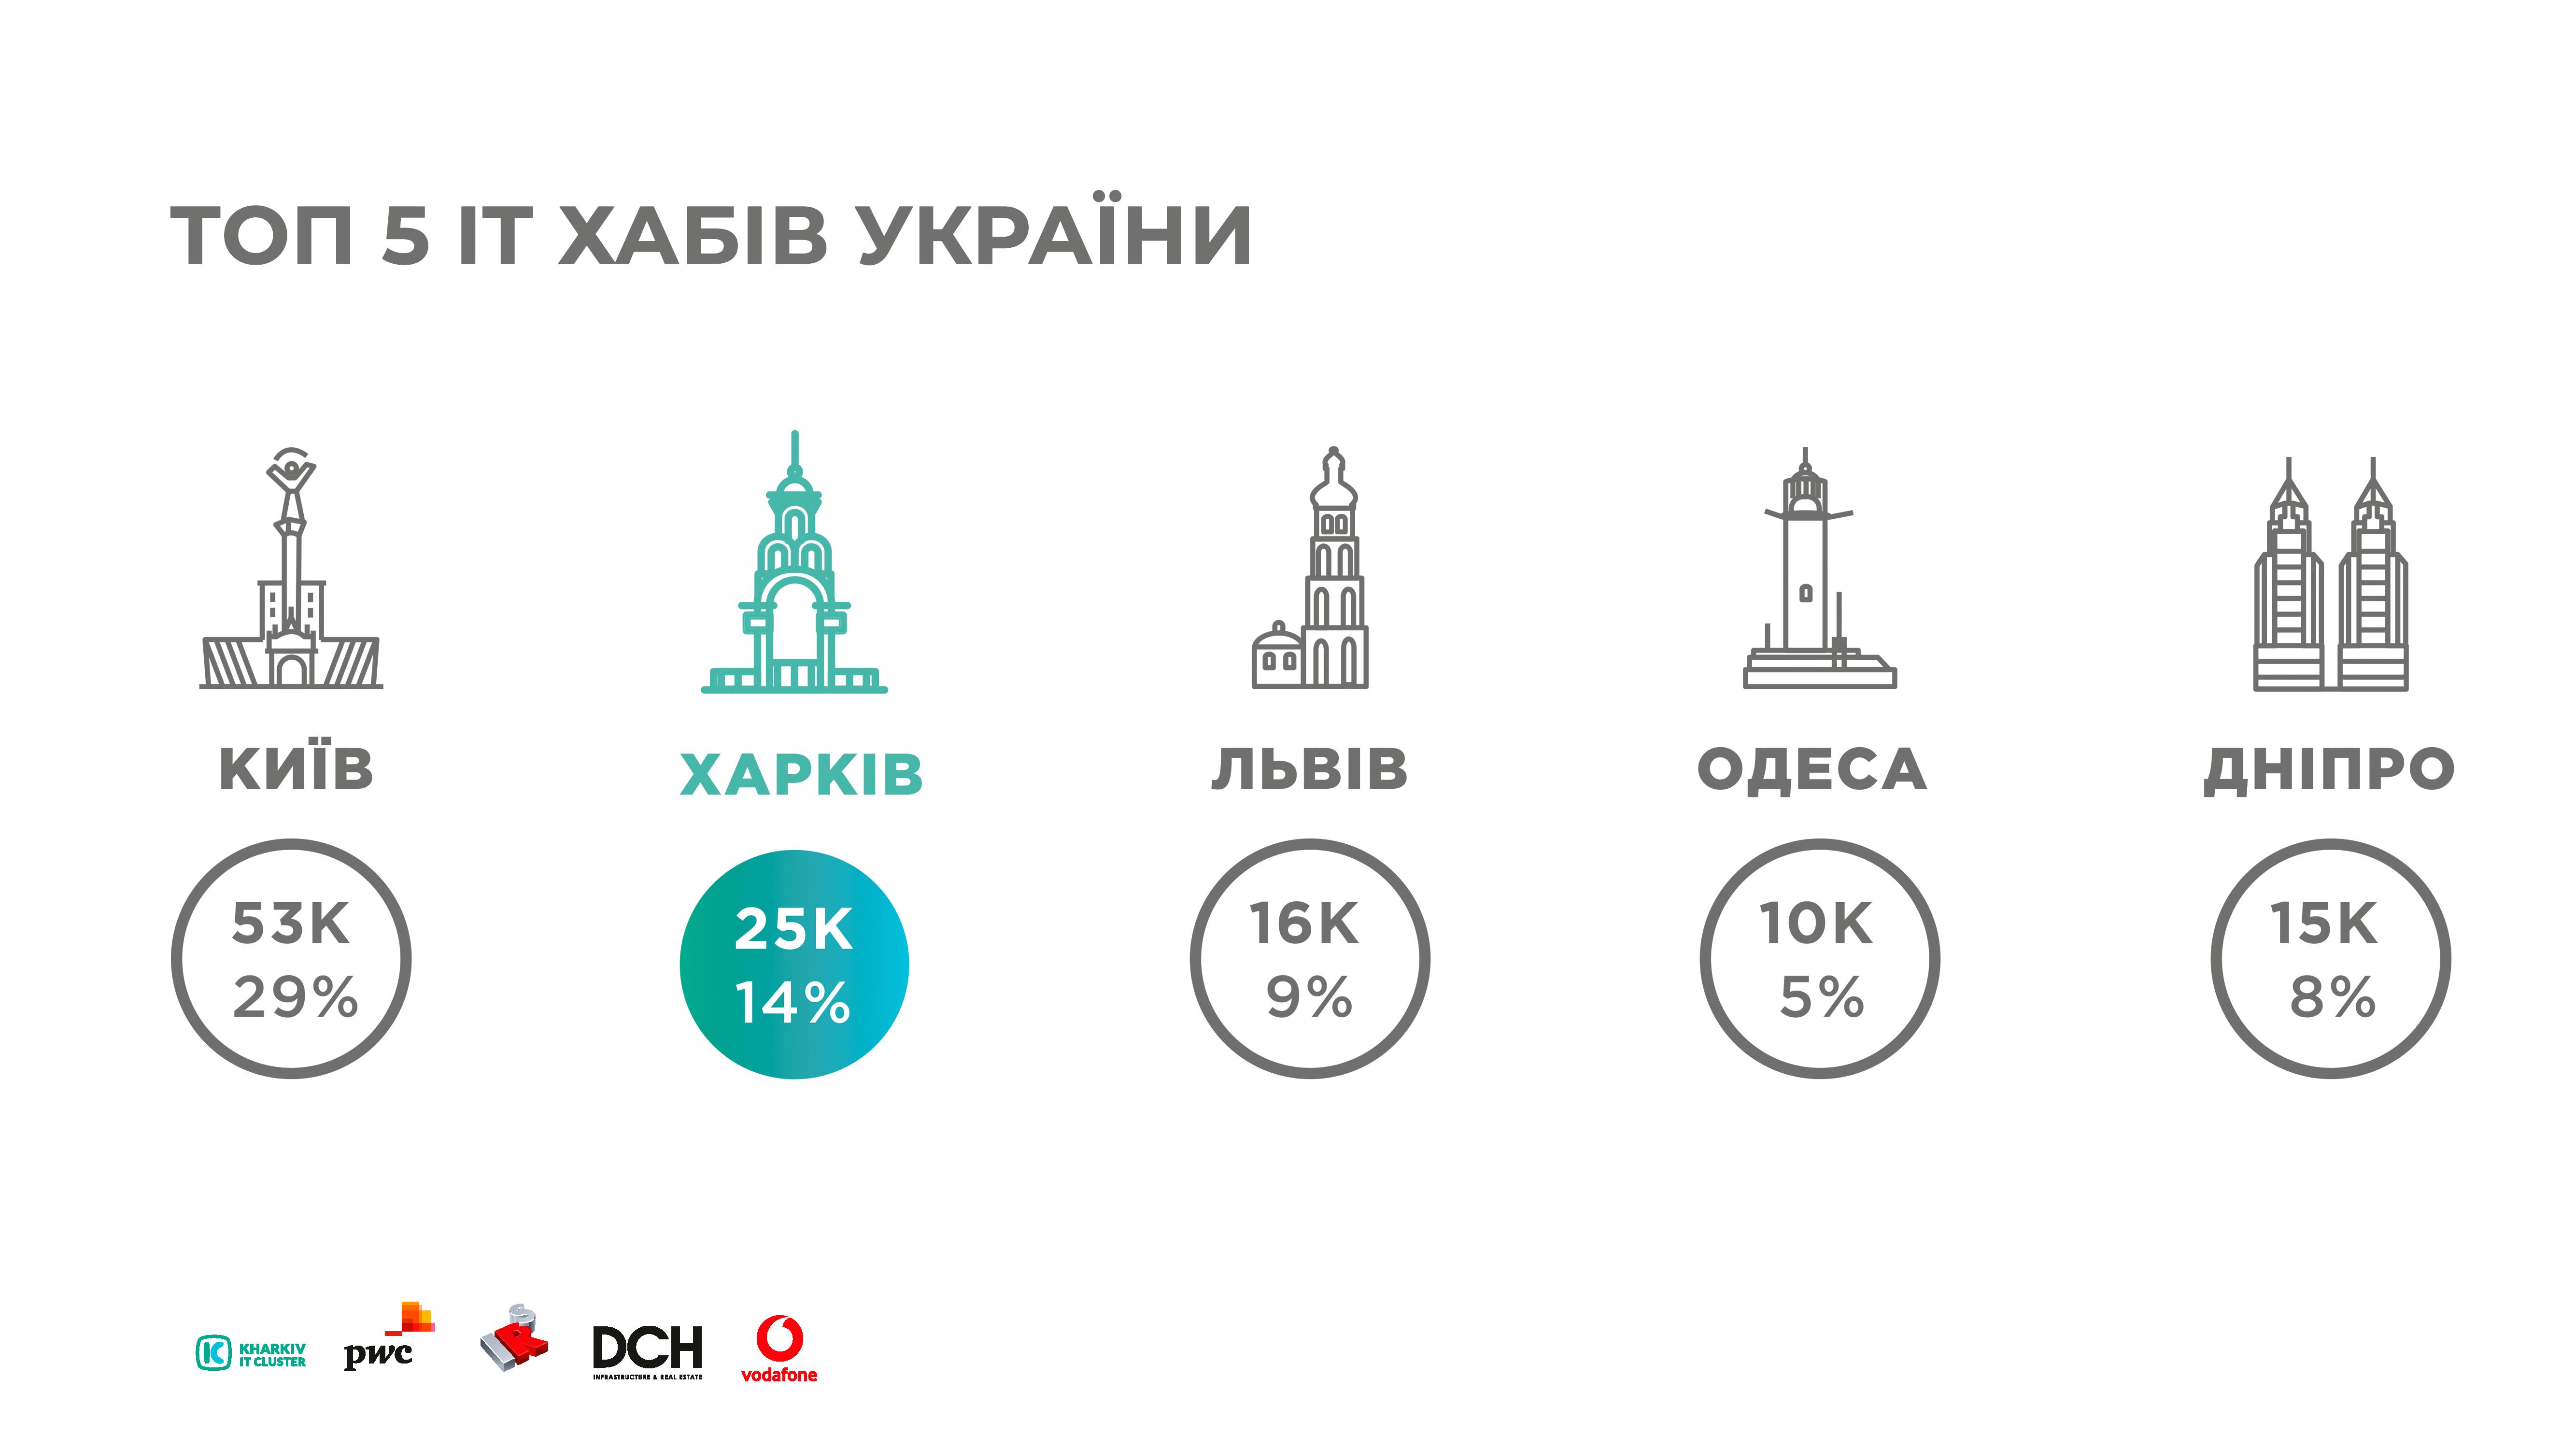 ua KHARKIV IT-RESEARCH: 25 000 IT-фахівців, більш ніж 450 компаній у галузі та 5 млрд гривень податків до бюджету України